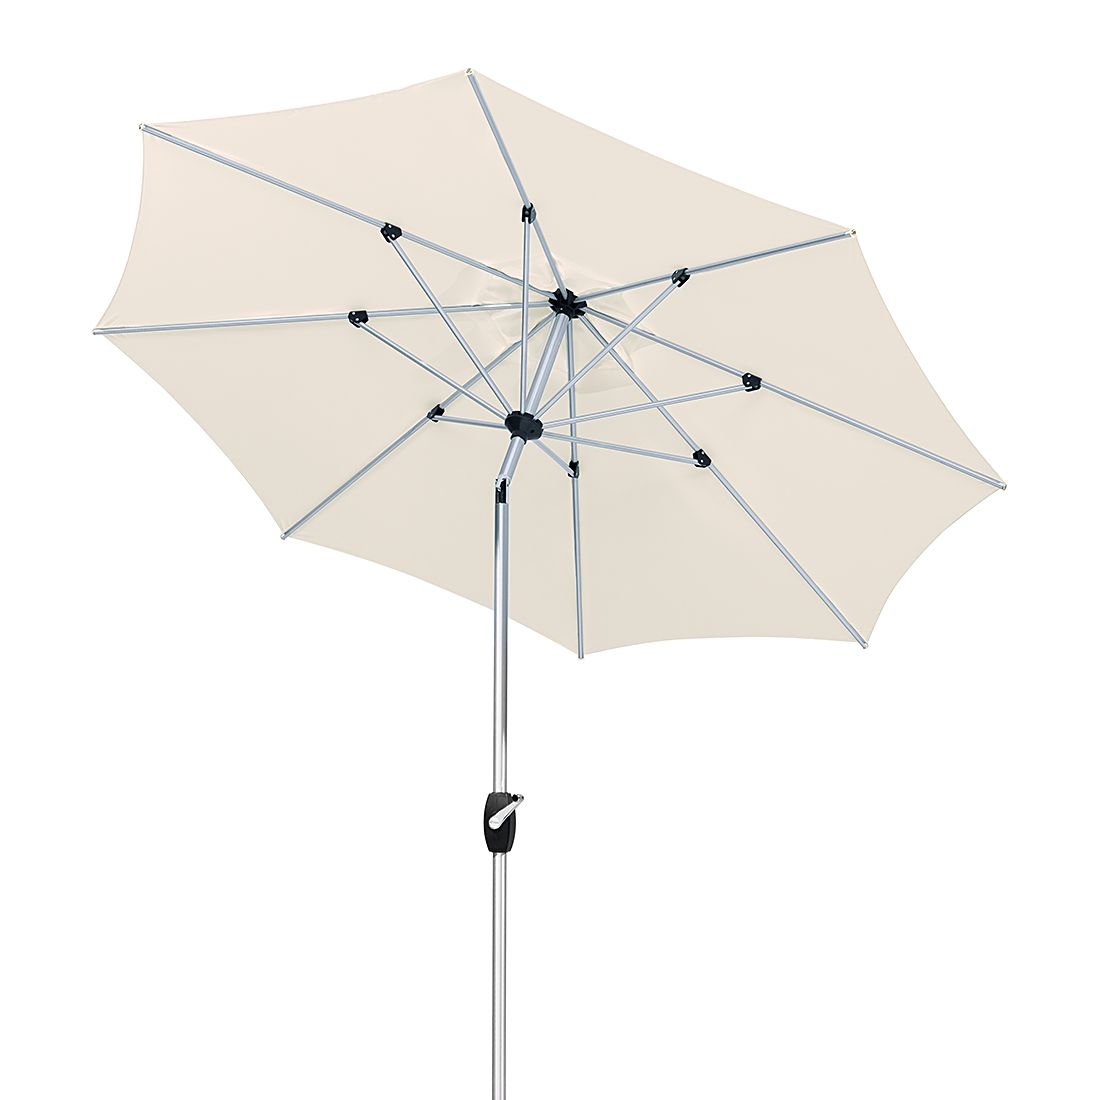 Venedig 270 Sonnenschirm - Aluminium/Polyester - Silber/Natur, Schneider Schirme